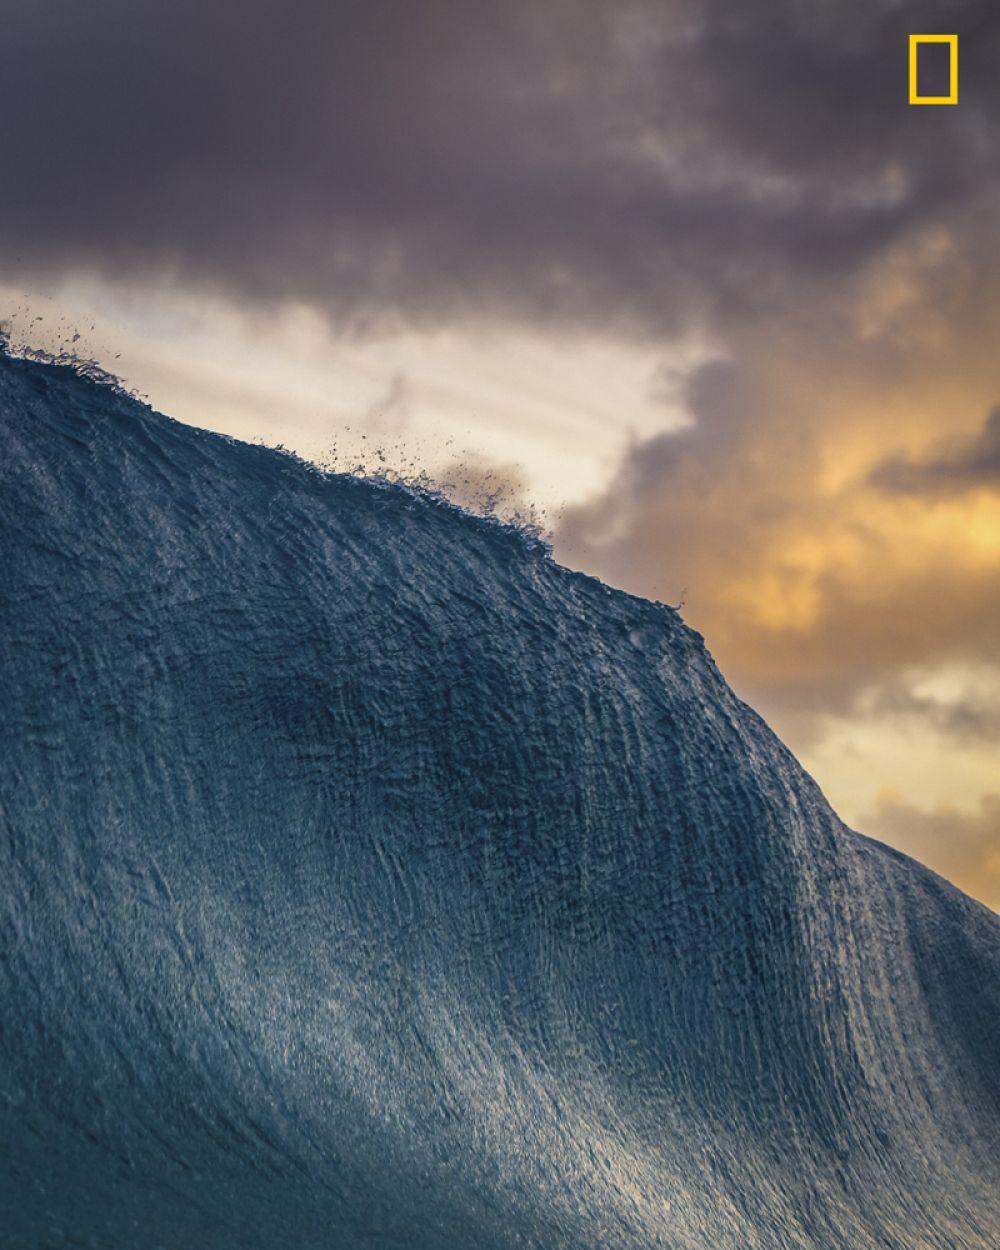 2 место в категории «Природа». Волна перед падением.